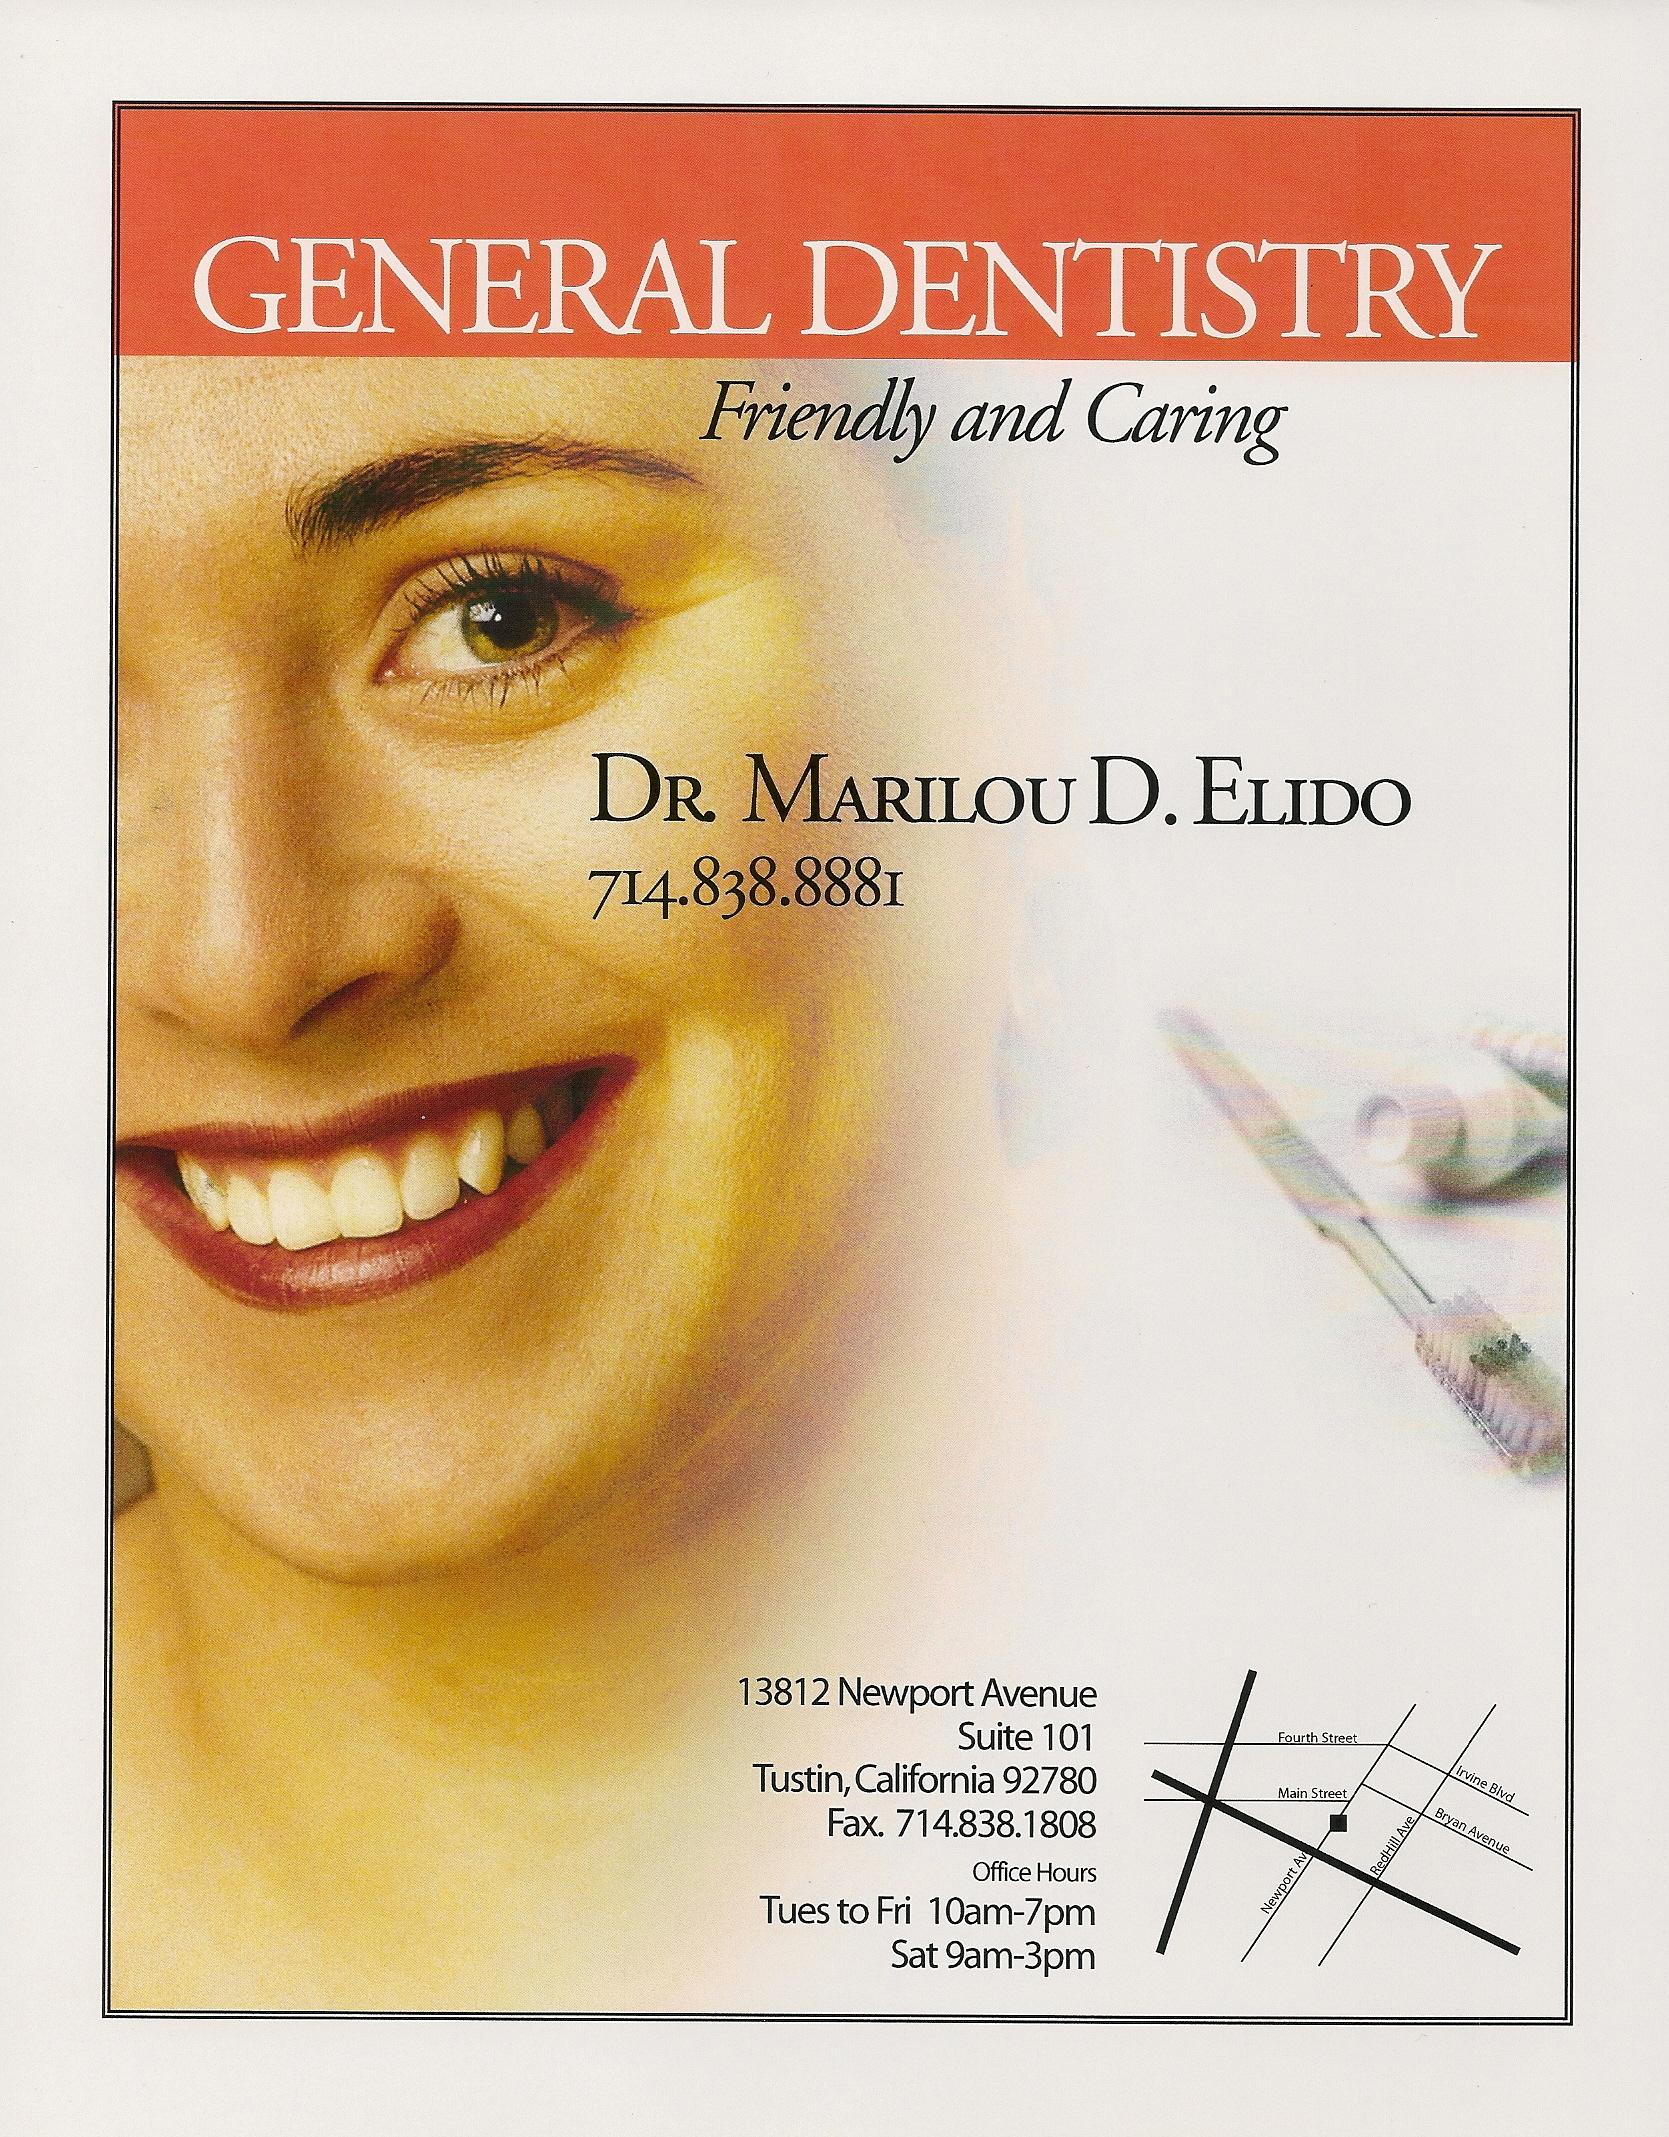 Dr. Marilou D. Elido